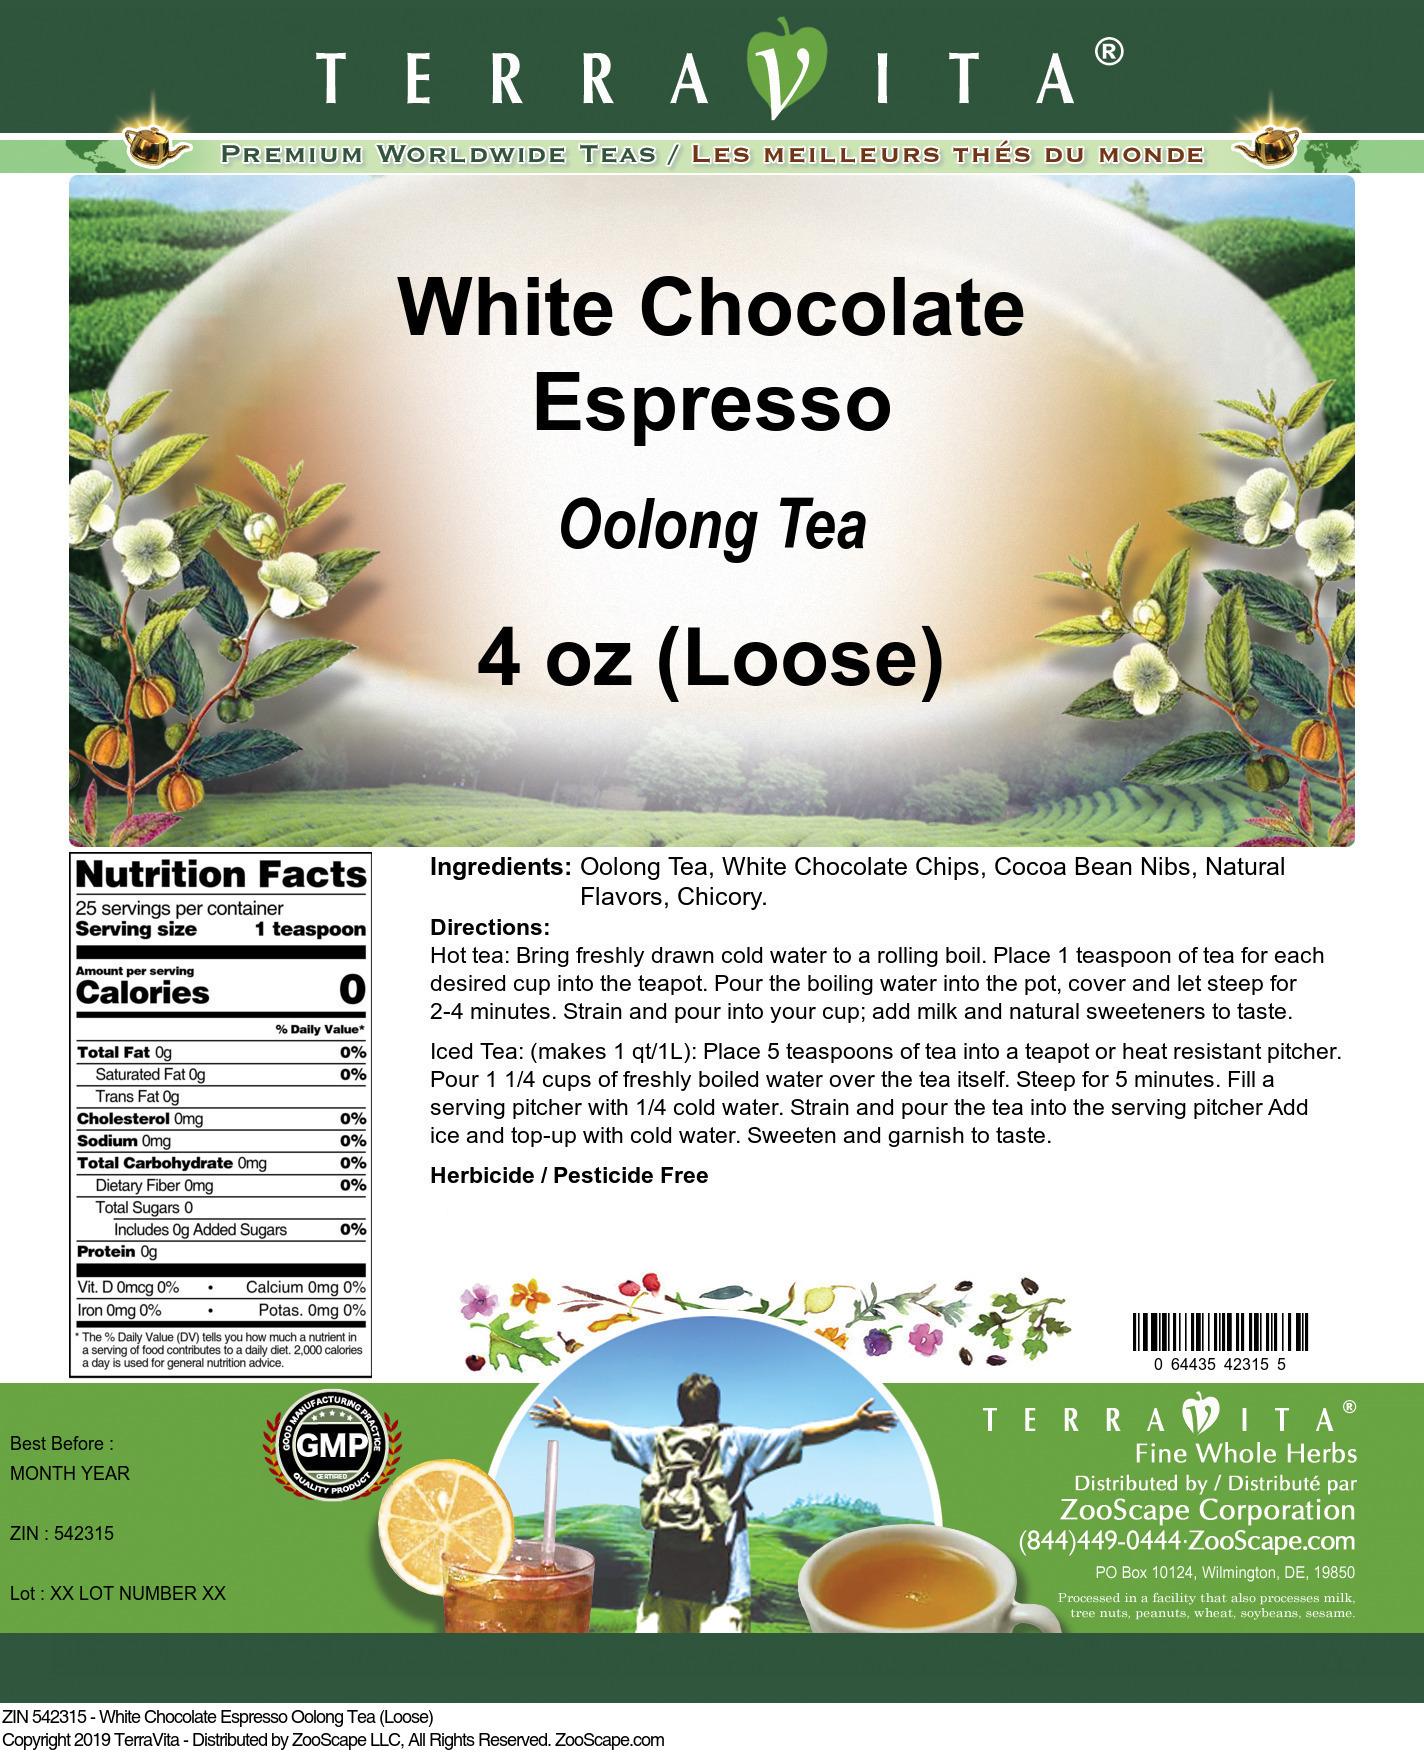 White Chocolate Espresso Oolong Tea (Loose)